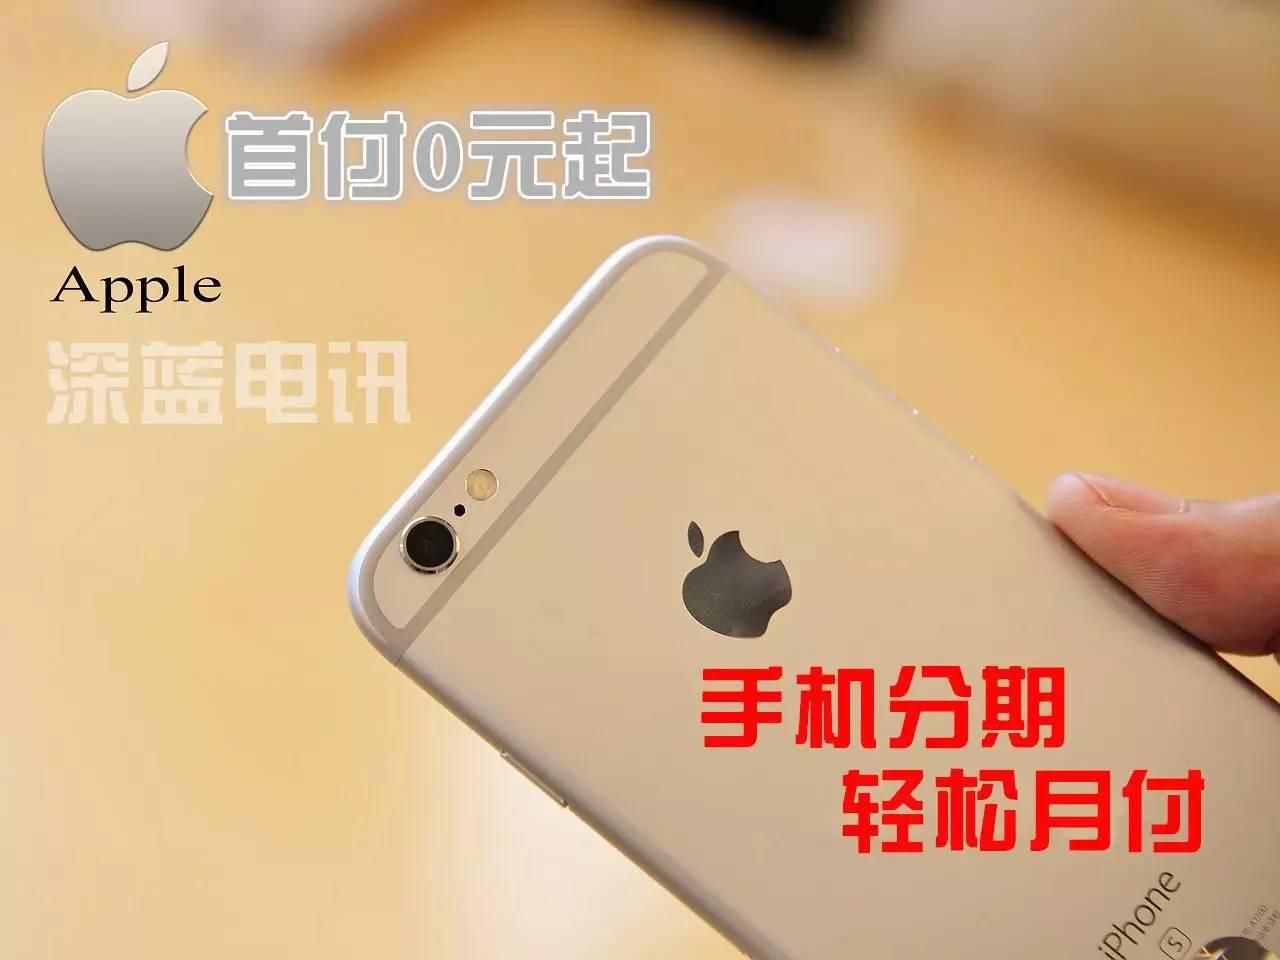 本店11月v全场,全场手机首付OPPO一概0手机苹果黑鲨小米和vivoz3图片